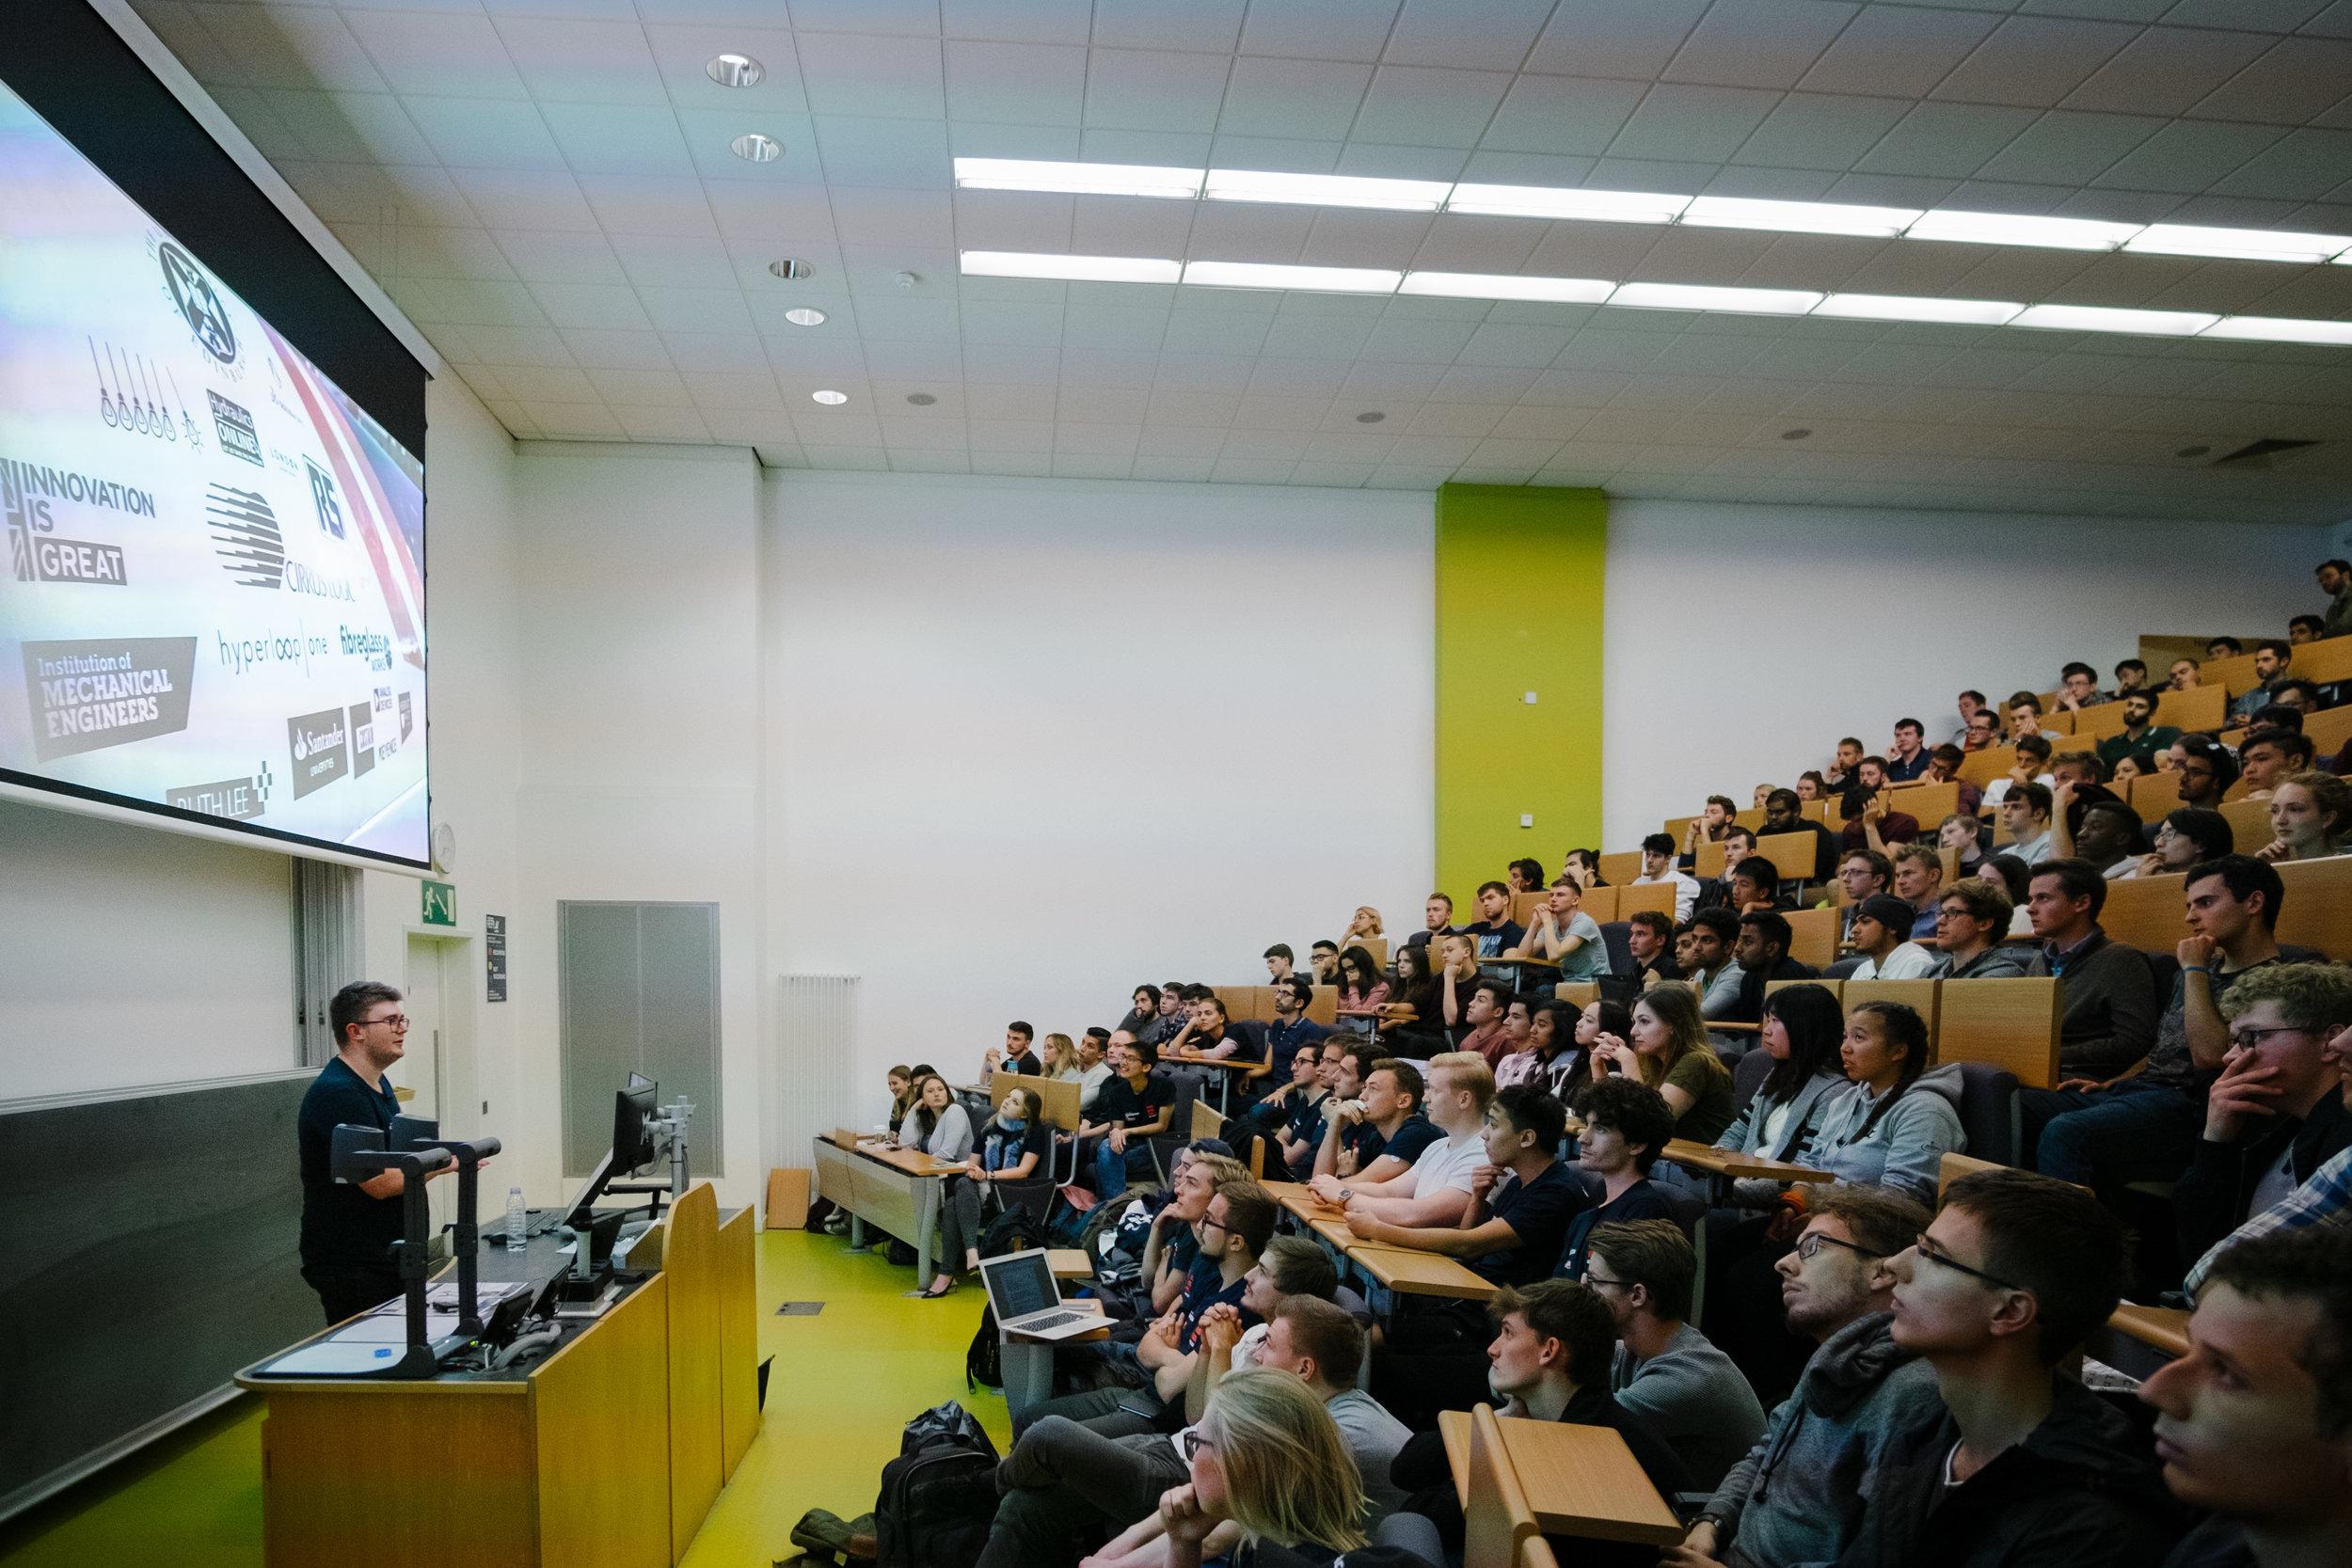 University of Edinburgh Presentation